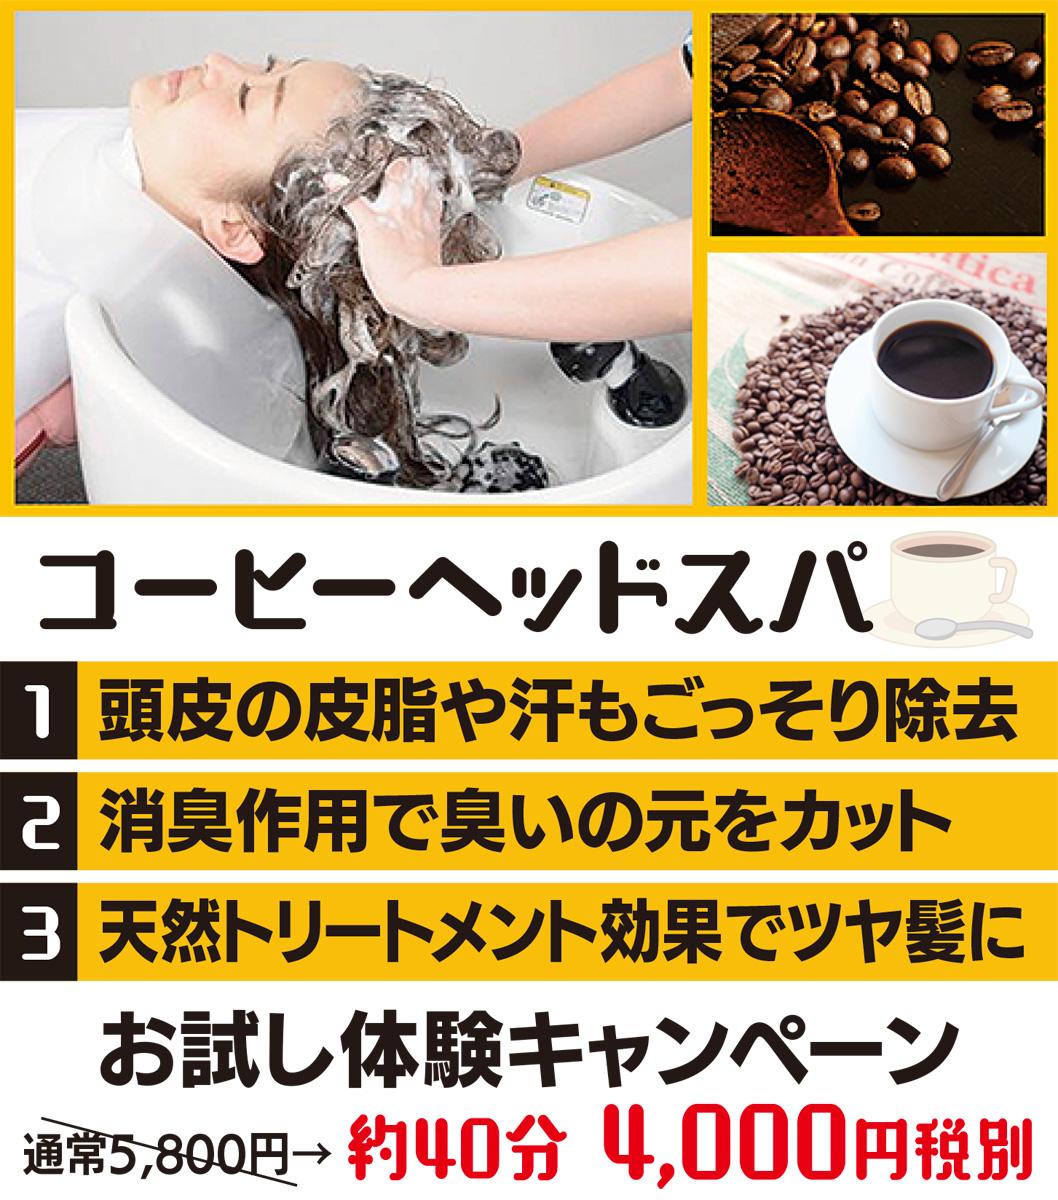 日本初!?やすらぎのコーヒーヘッドスパ